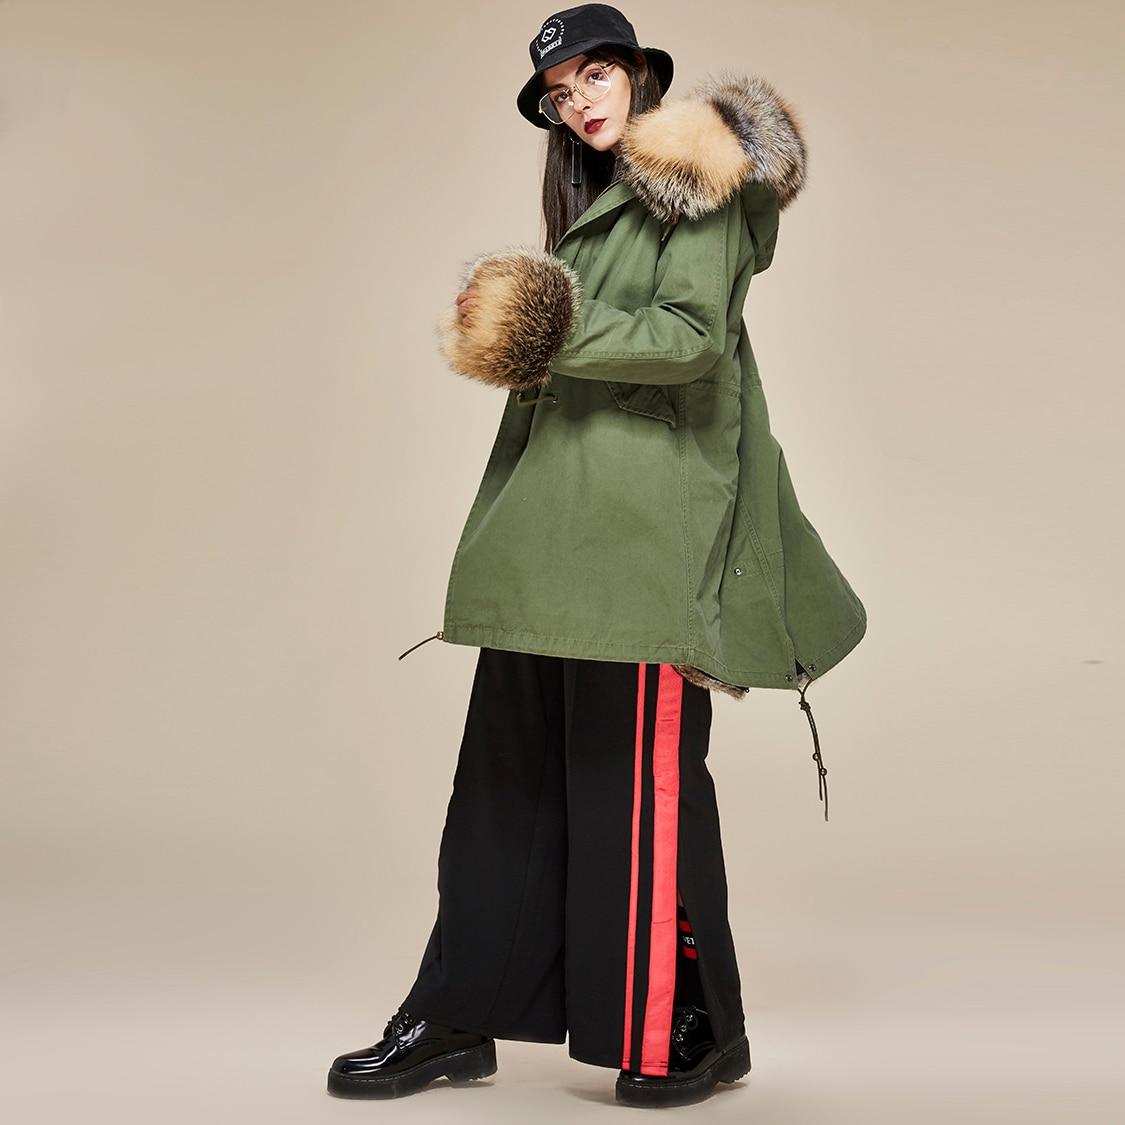 Véritable 1 D'hiver À other Veste Chaud Capuche Parka Nouvelle Mode Renard 2018 Jazzevar Militaire Luxe Col Color De Femmes Manteau Lapin Fourrure Doublure fXA1Hq